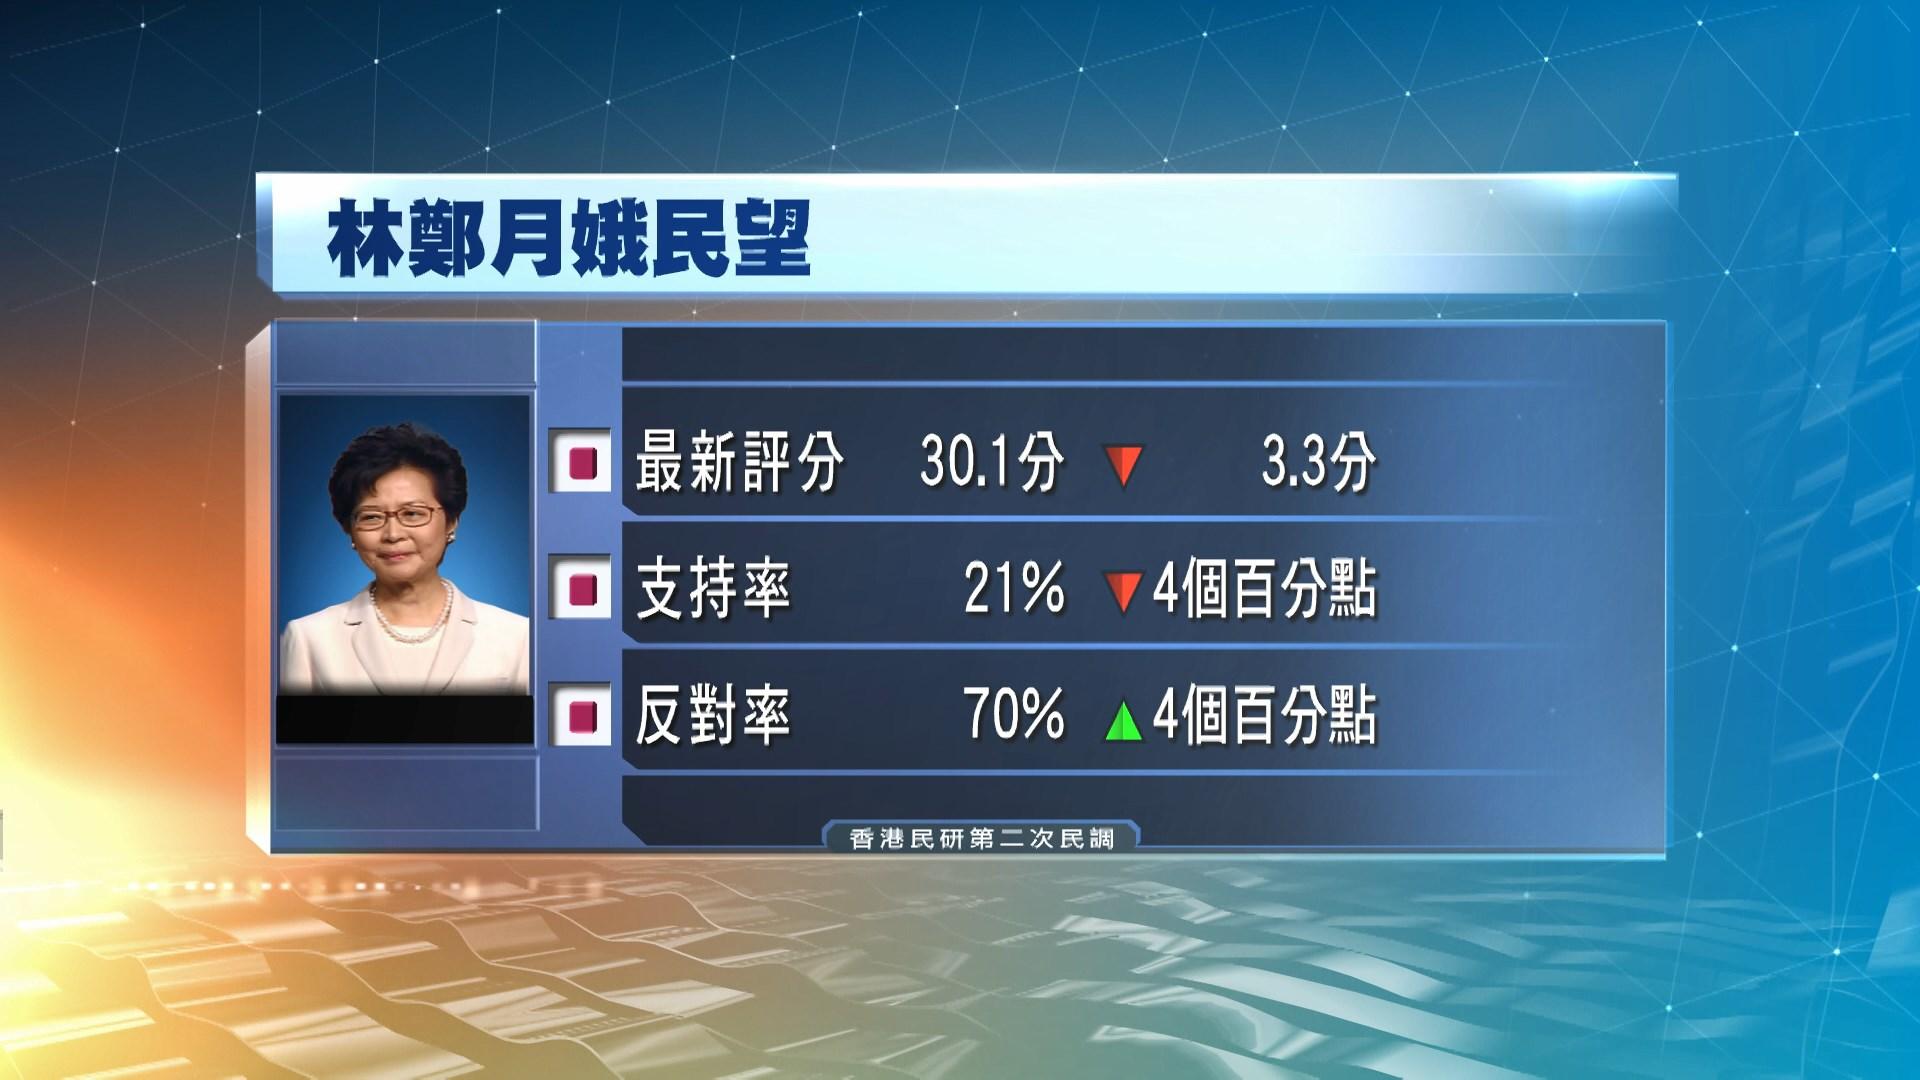 香港民研:林鄭月娥民望再創上任以來新低